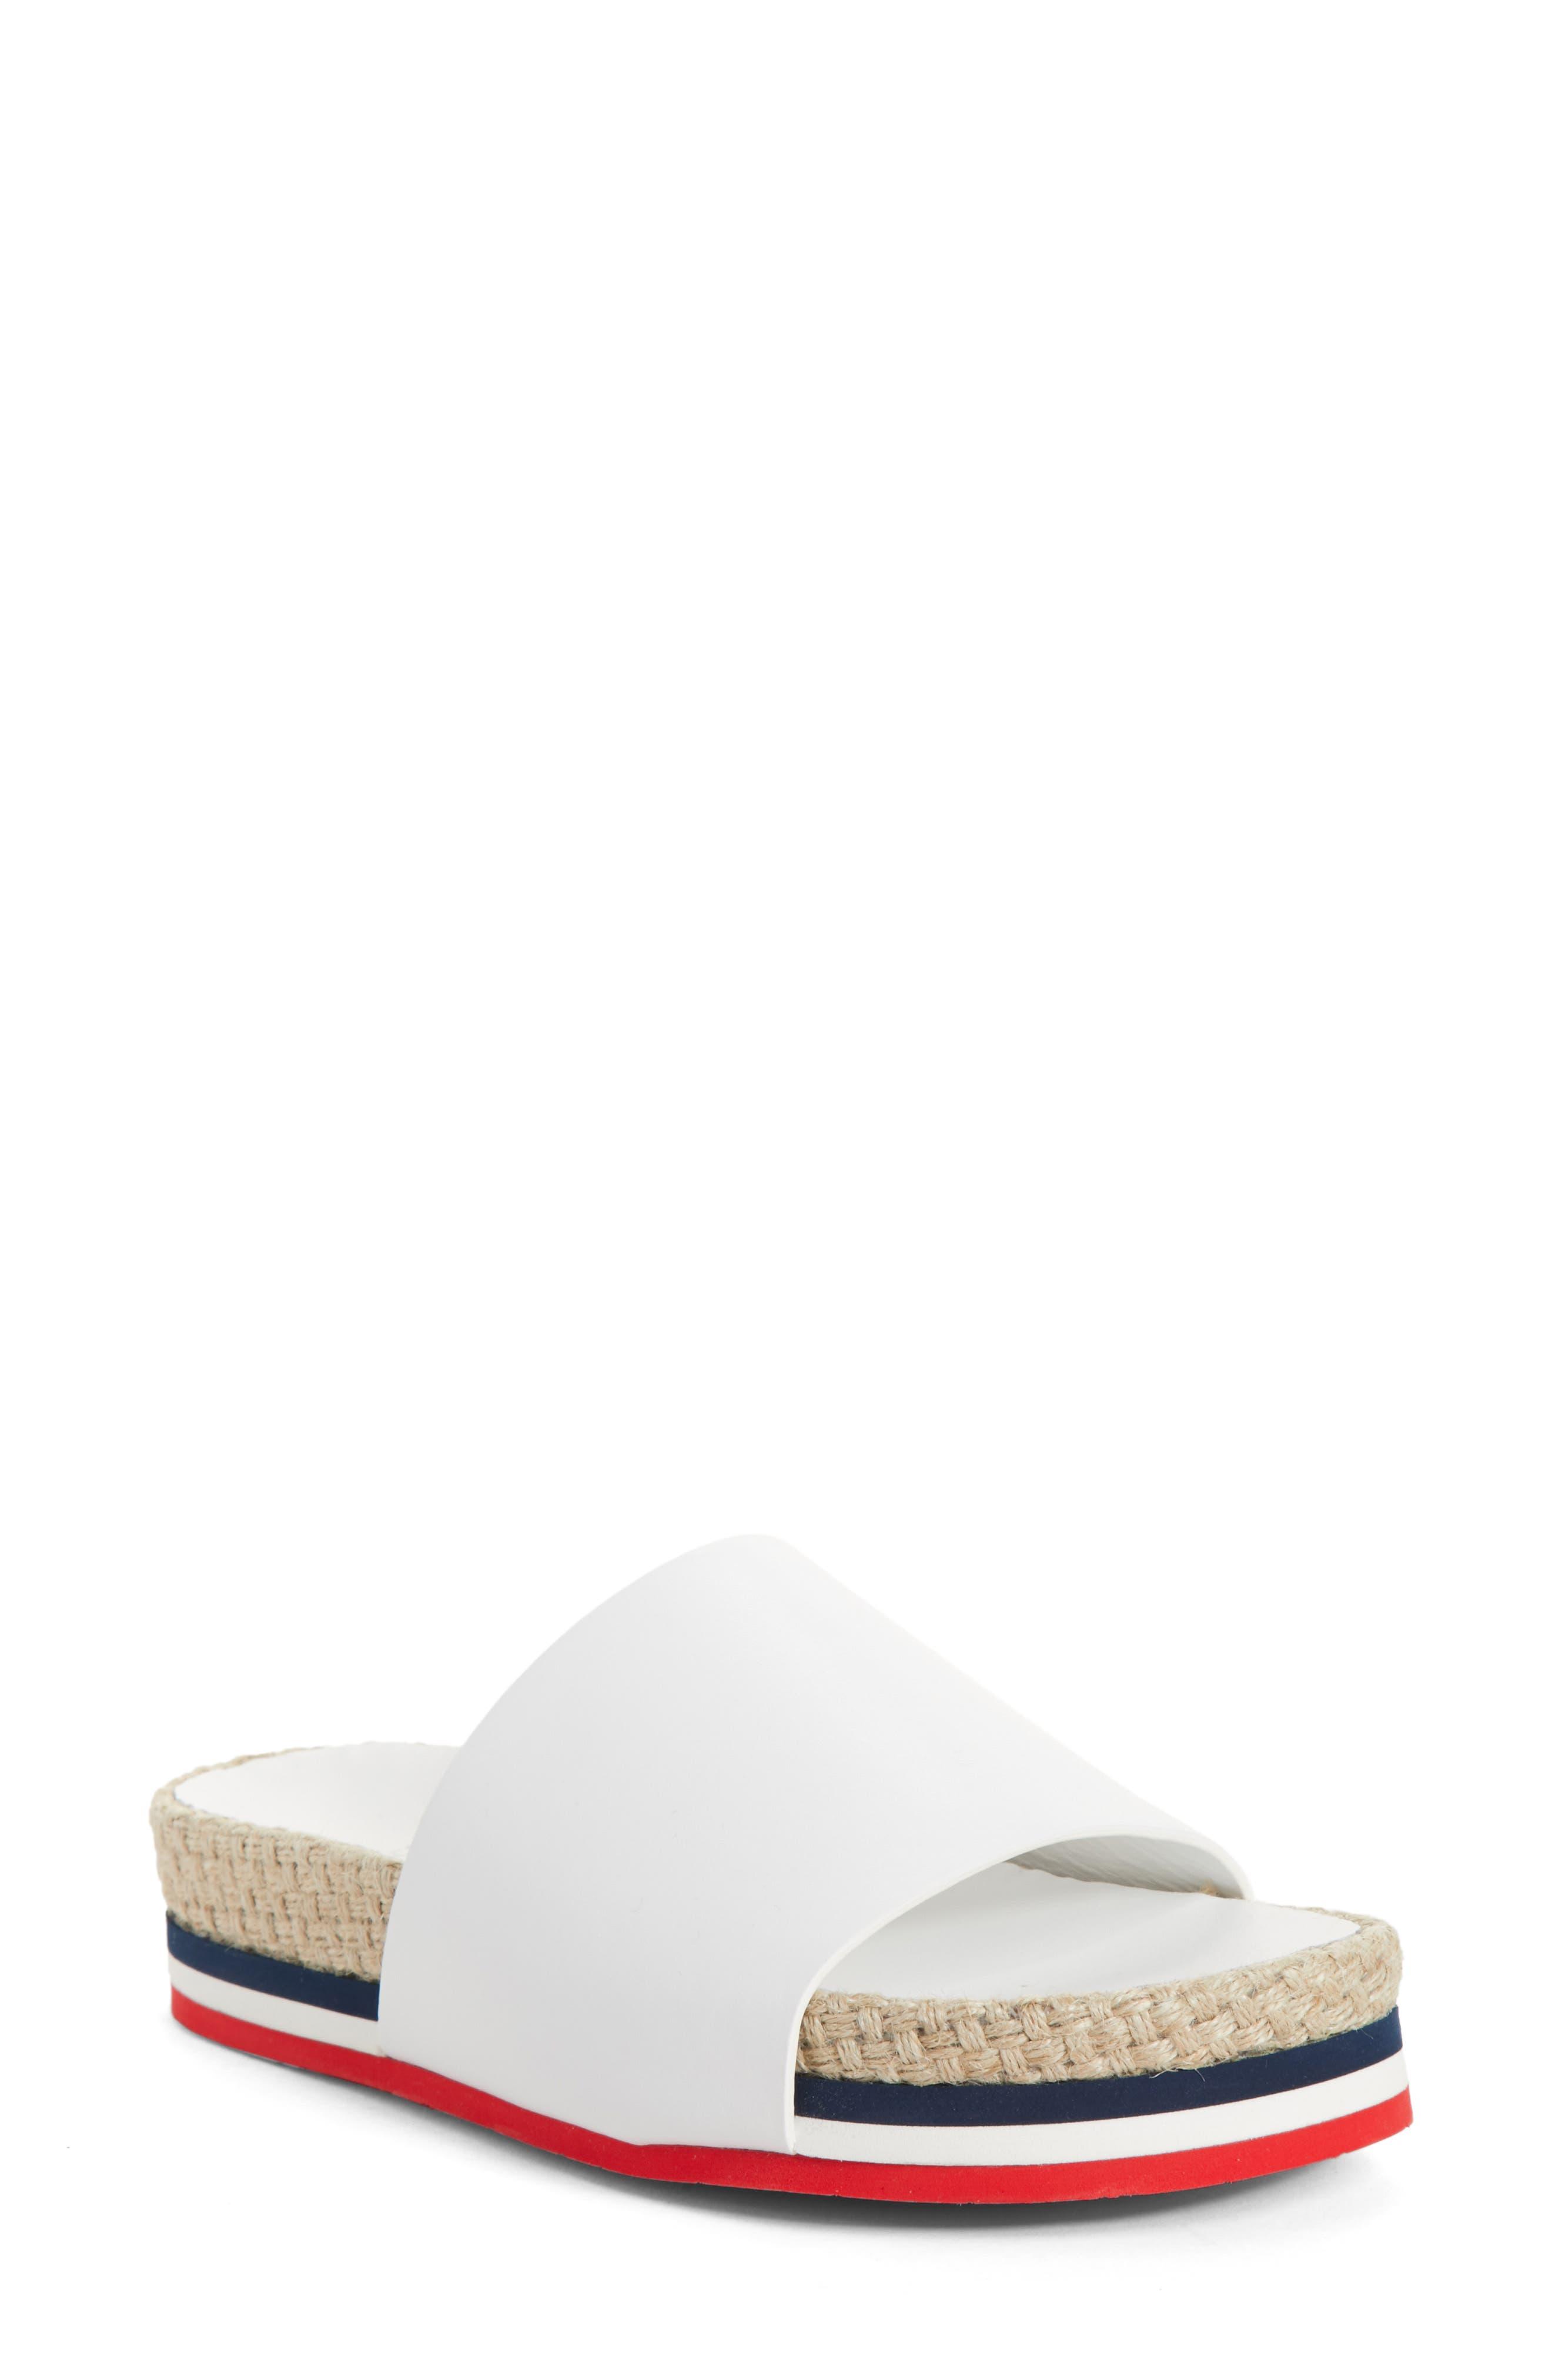 Evelyne Platform Slide,                         Main,                         color, White